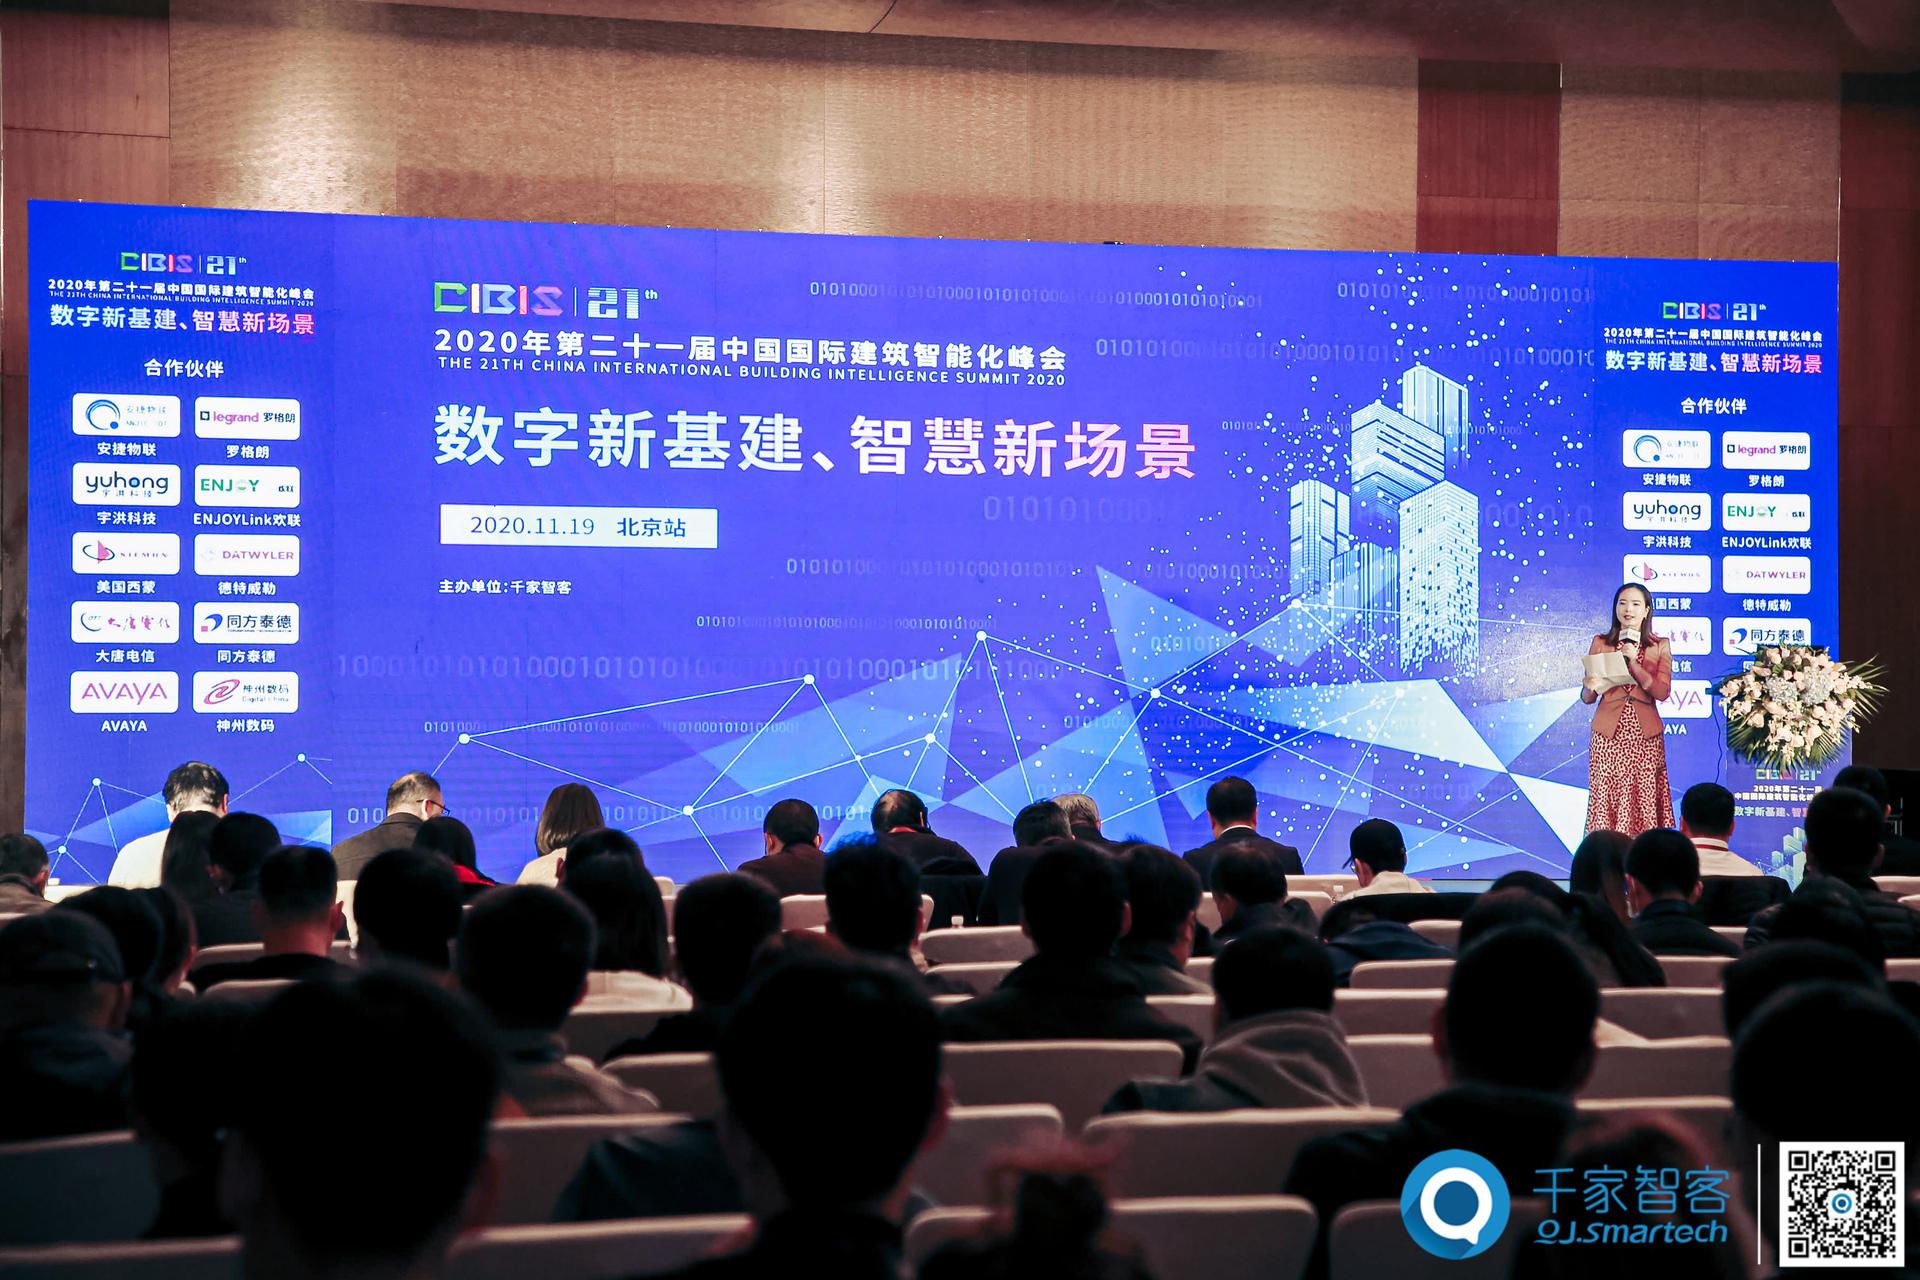 智慧赋能新商机——第二十一届中国国际建筑智能化峰会北京站隆重举办!